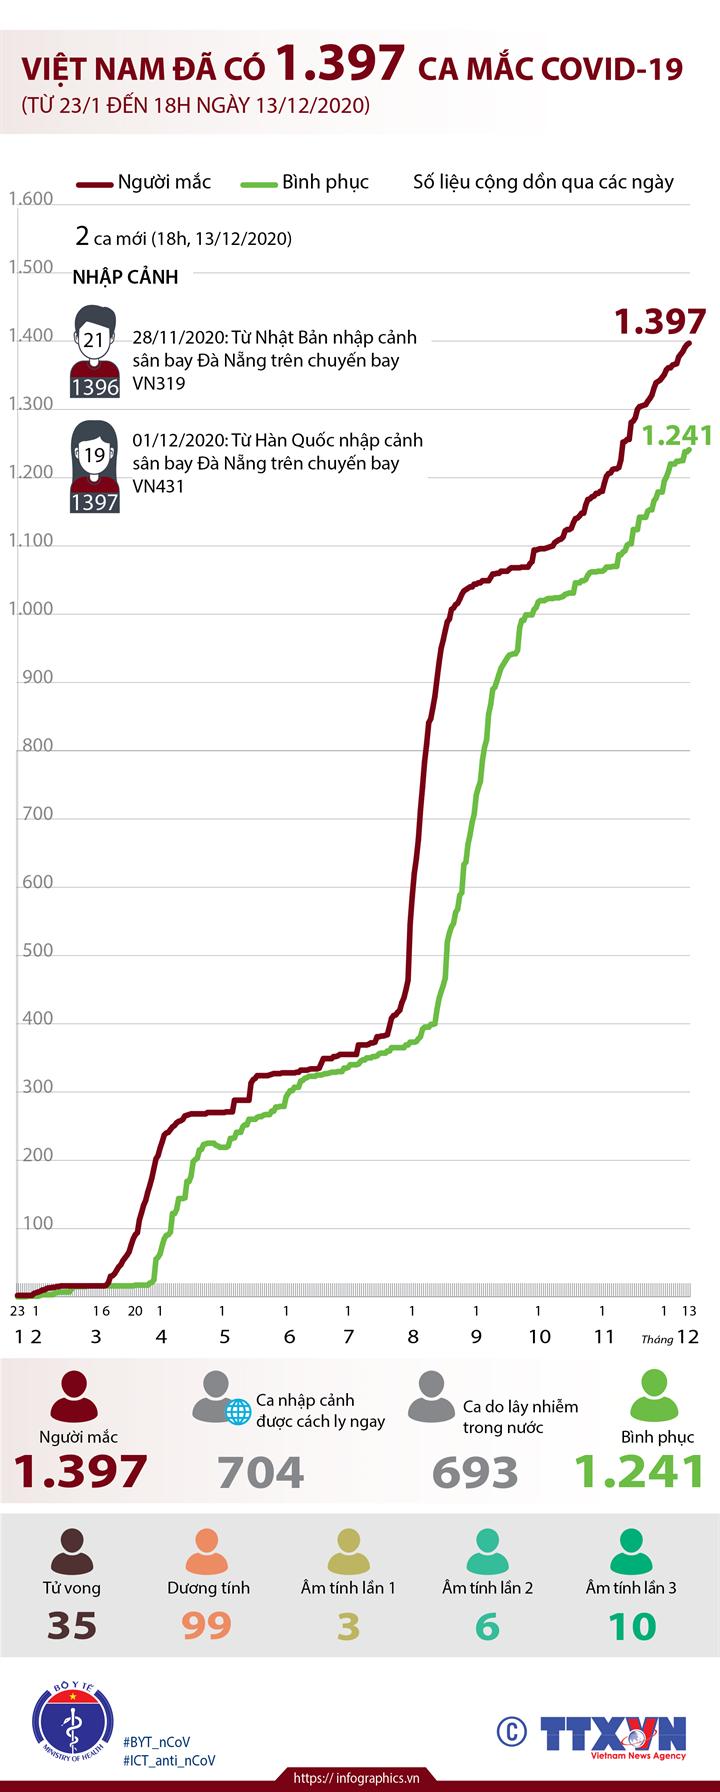 Việt Nam đã có 1.397 ca mắc COVID-19 (từ 23/1 đến 18h ngày 13/12/2020)